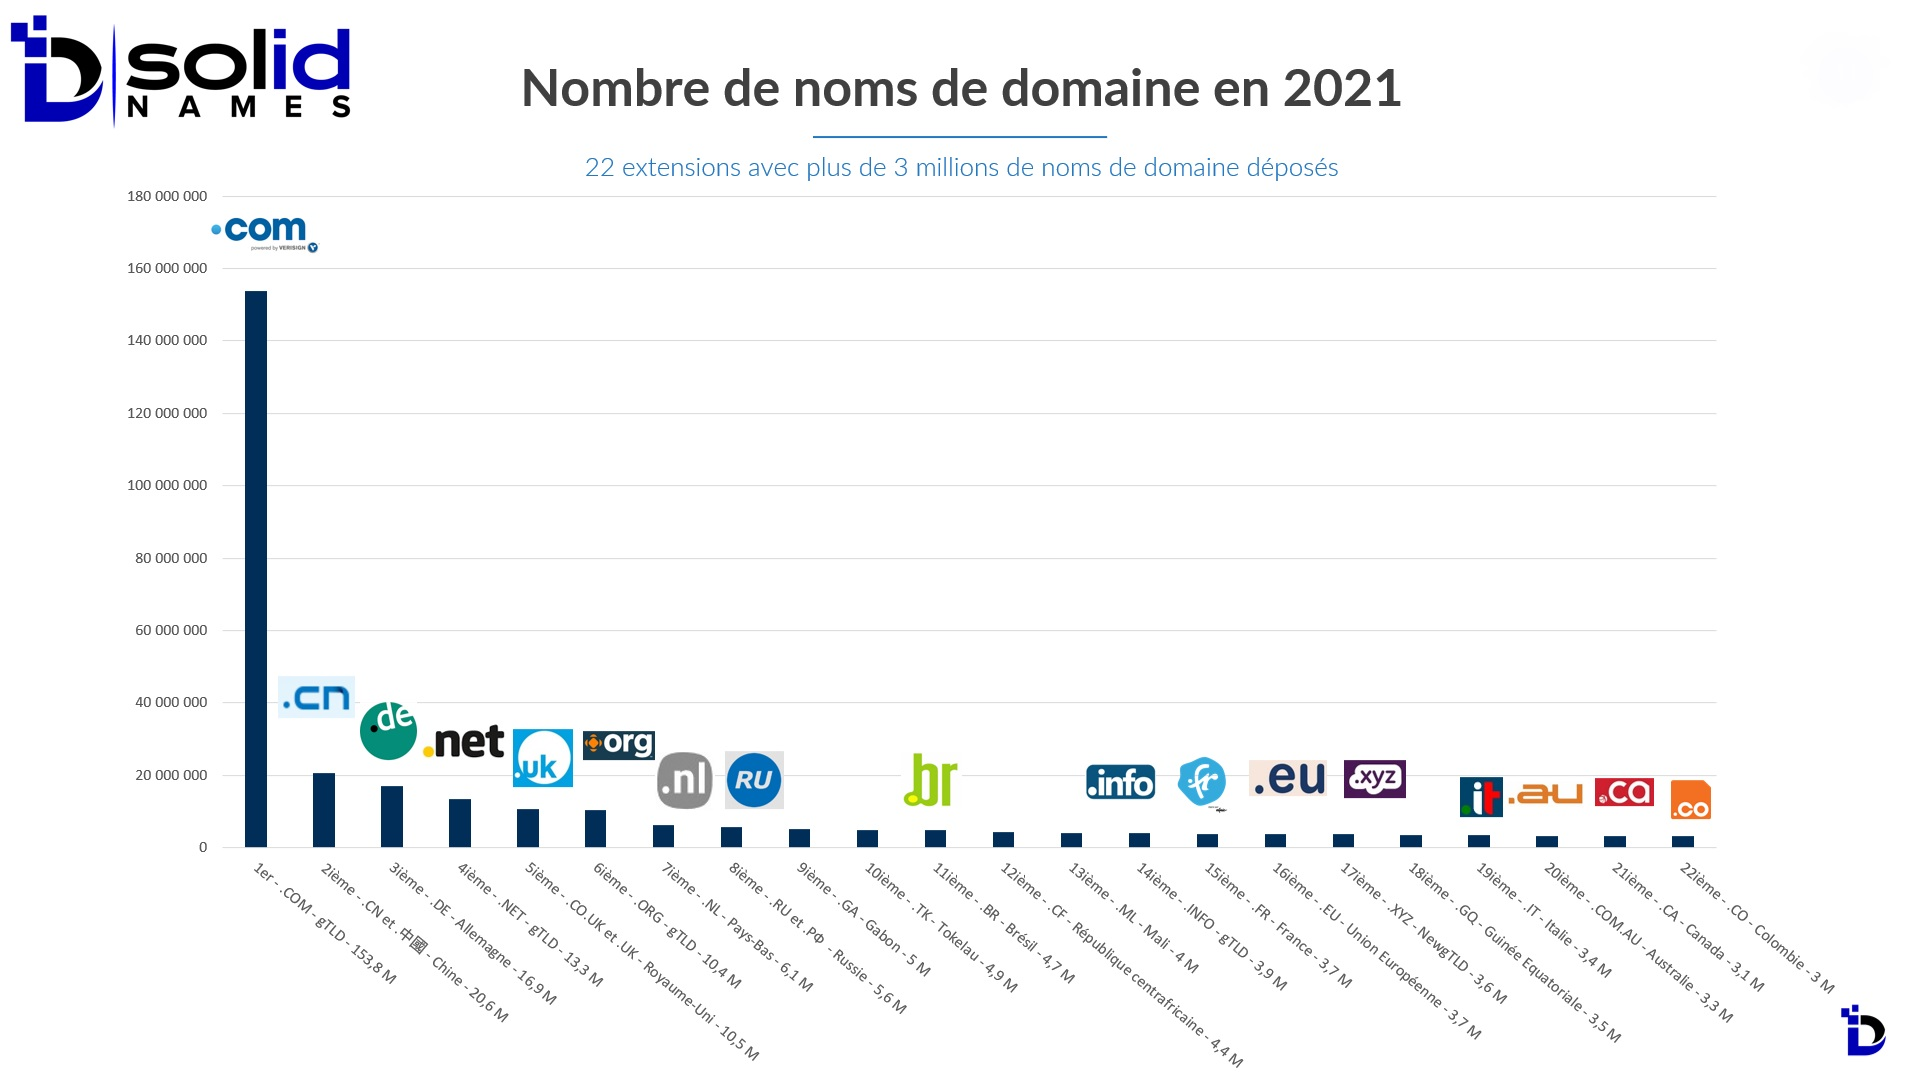 Classement des TLDs par nombre noms de domaine 2021